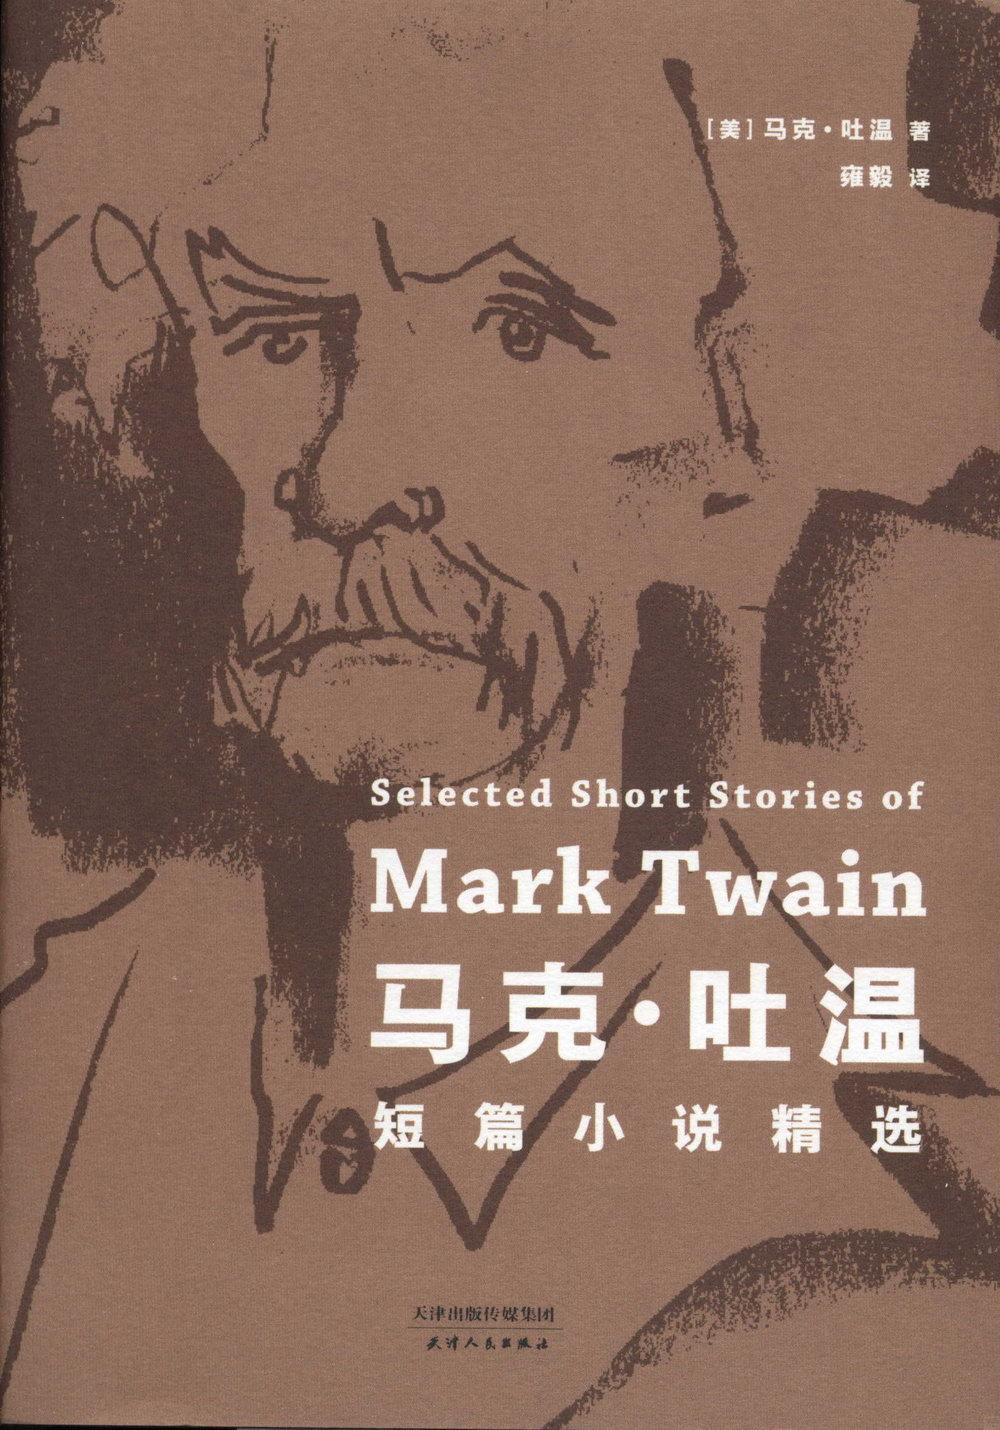 馬克·吐溫短篇小說精選